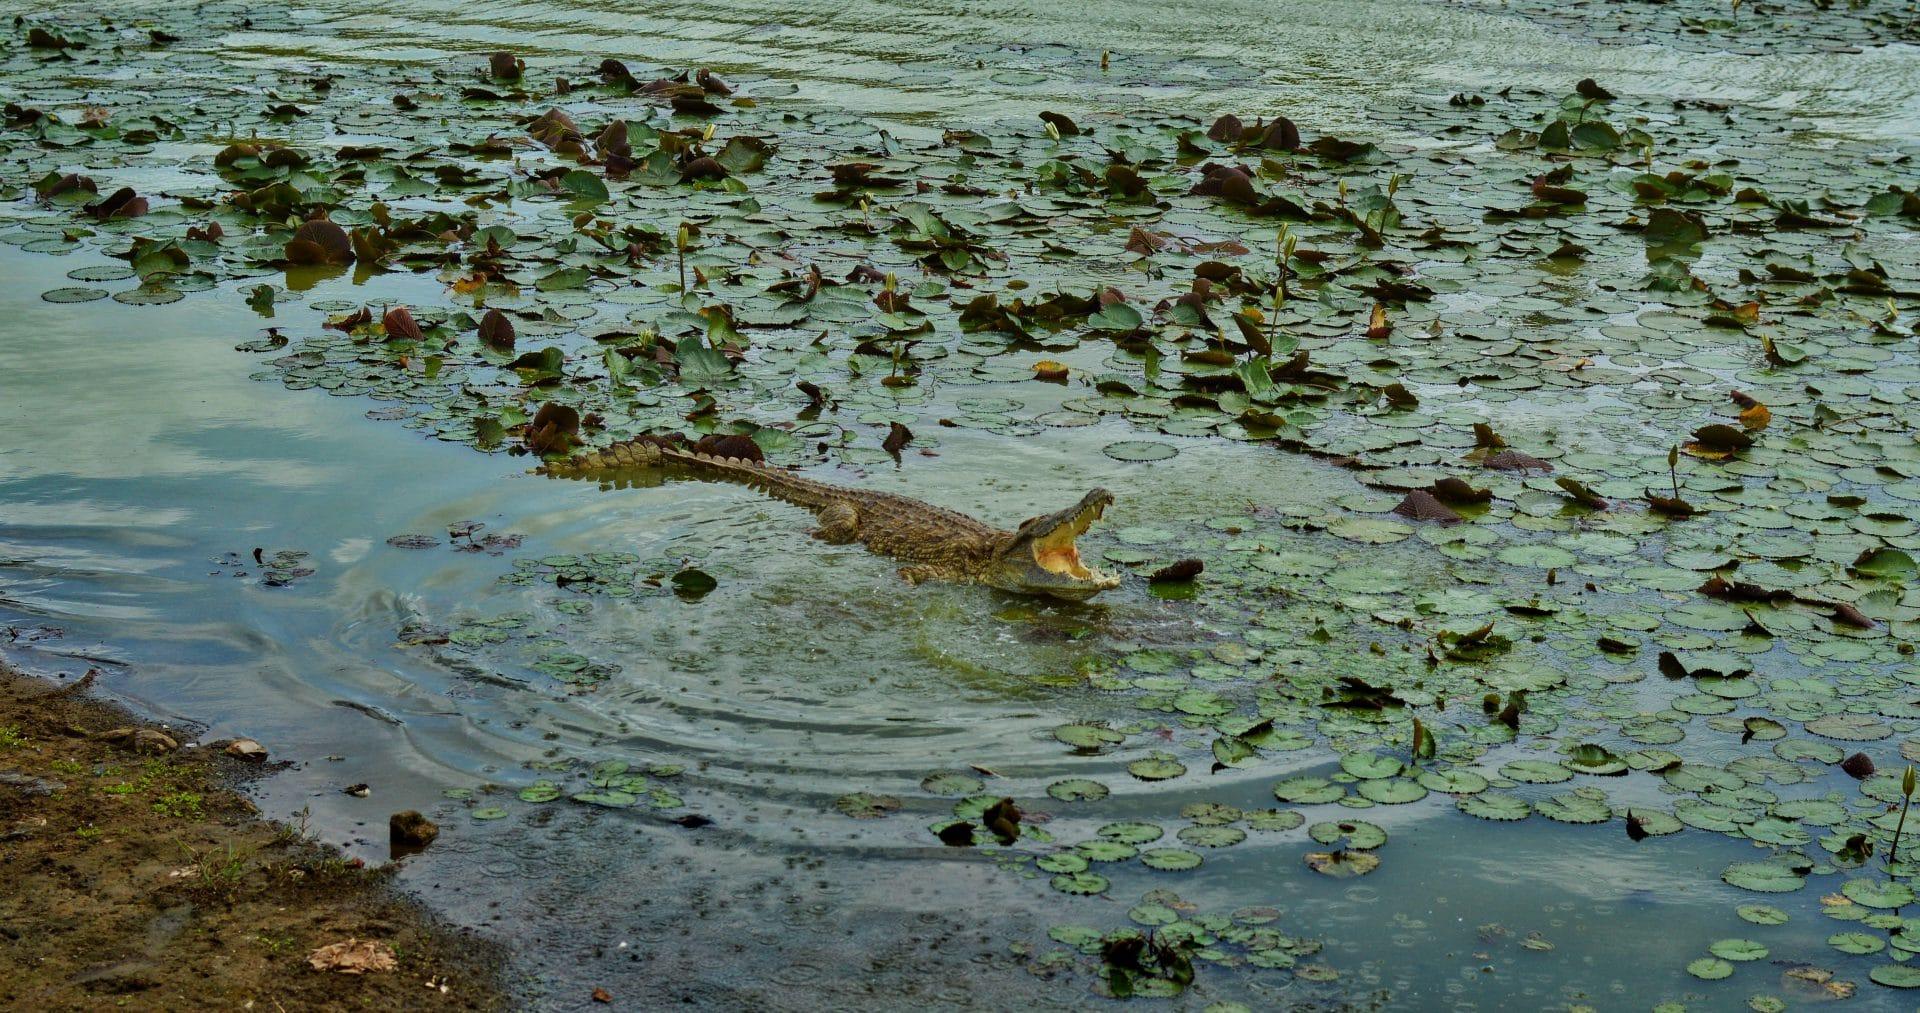 lac des crocodiles palais présidentiel yamoussoukro